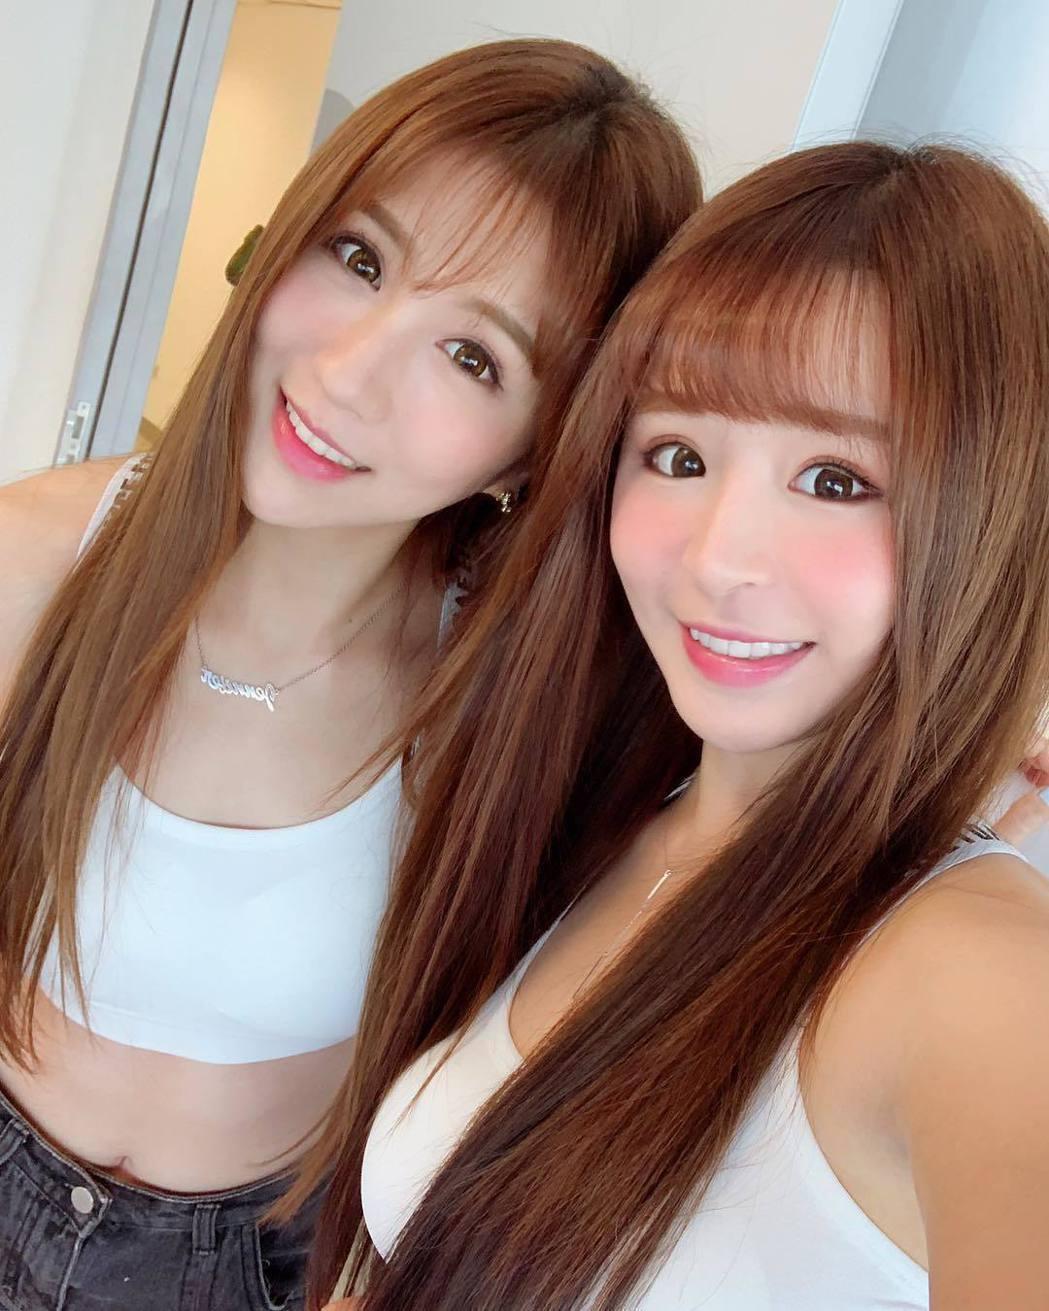 潘映竹(左)與元元(右)。圖/擷自IG